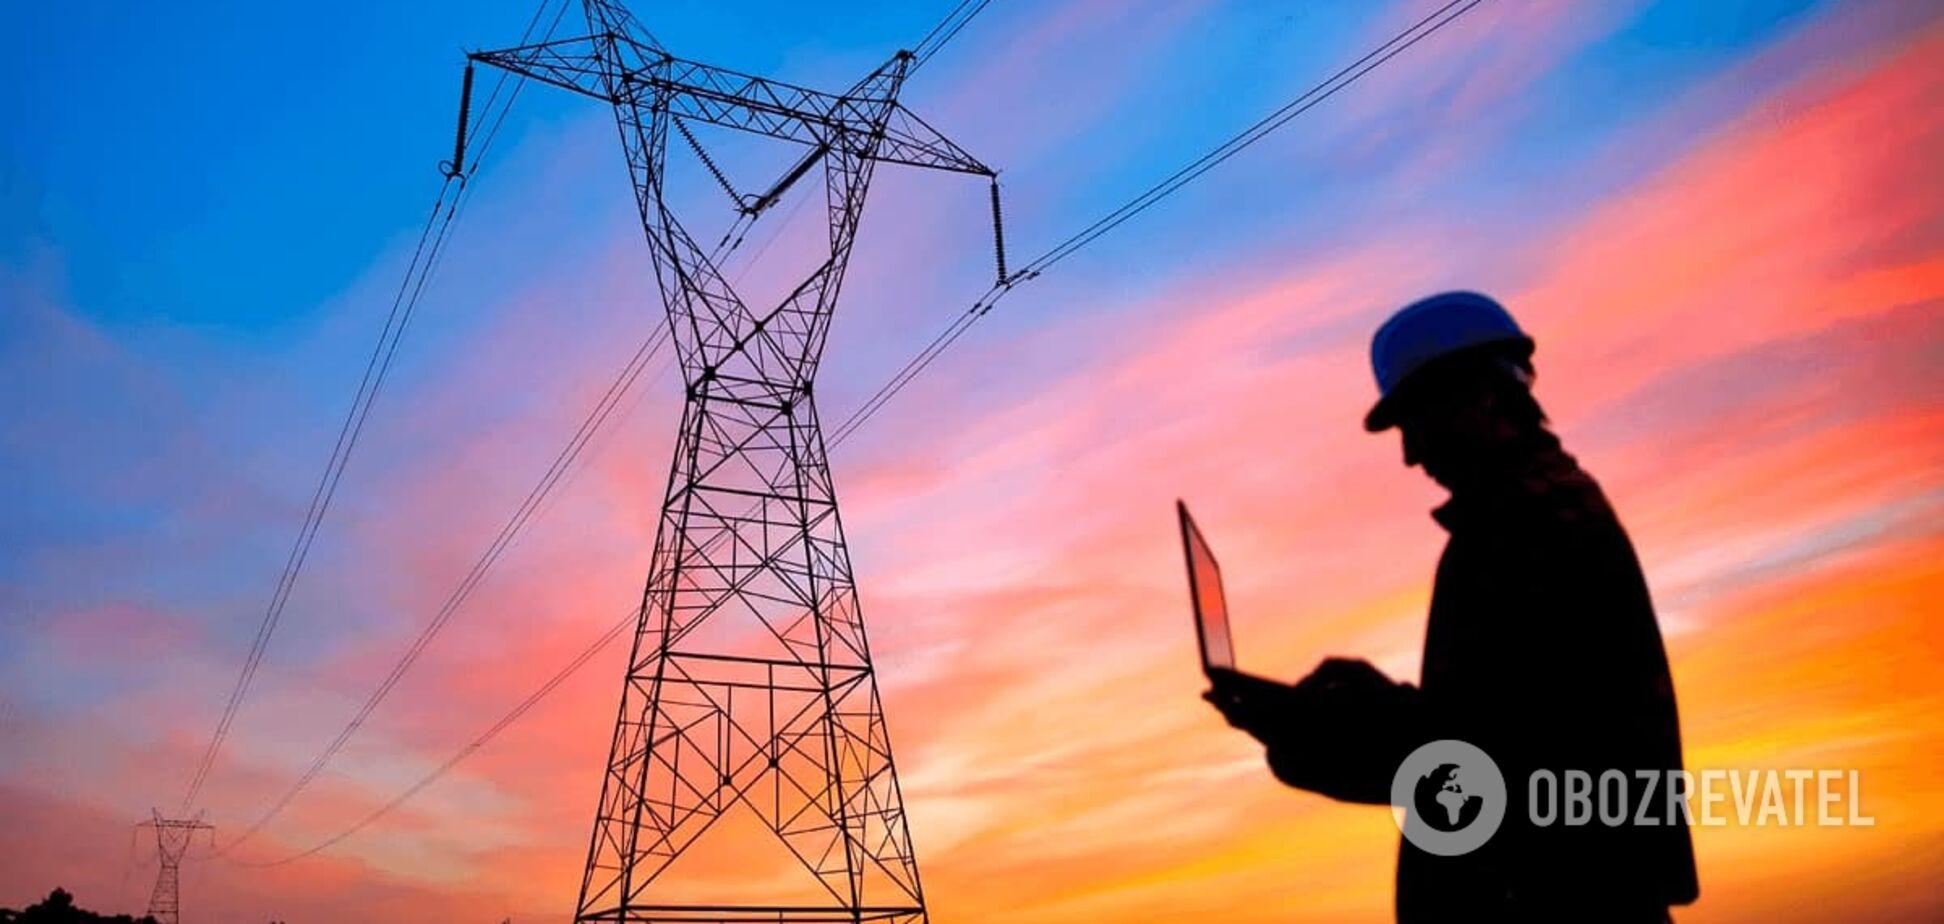 Позбавлення коштів на ремонти обладнання ради зниження тарифів призведе до масових аварій, – експерт 'Центру Разумкова'